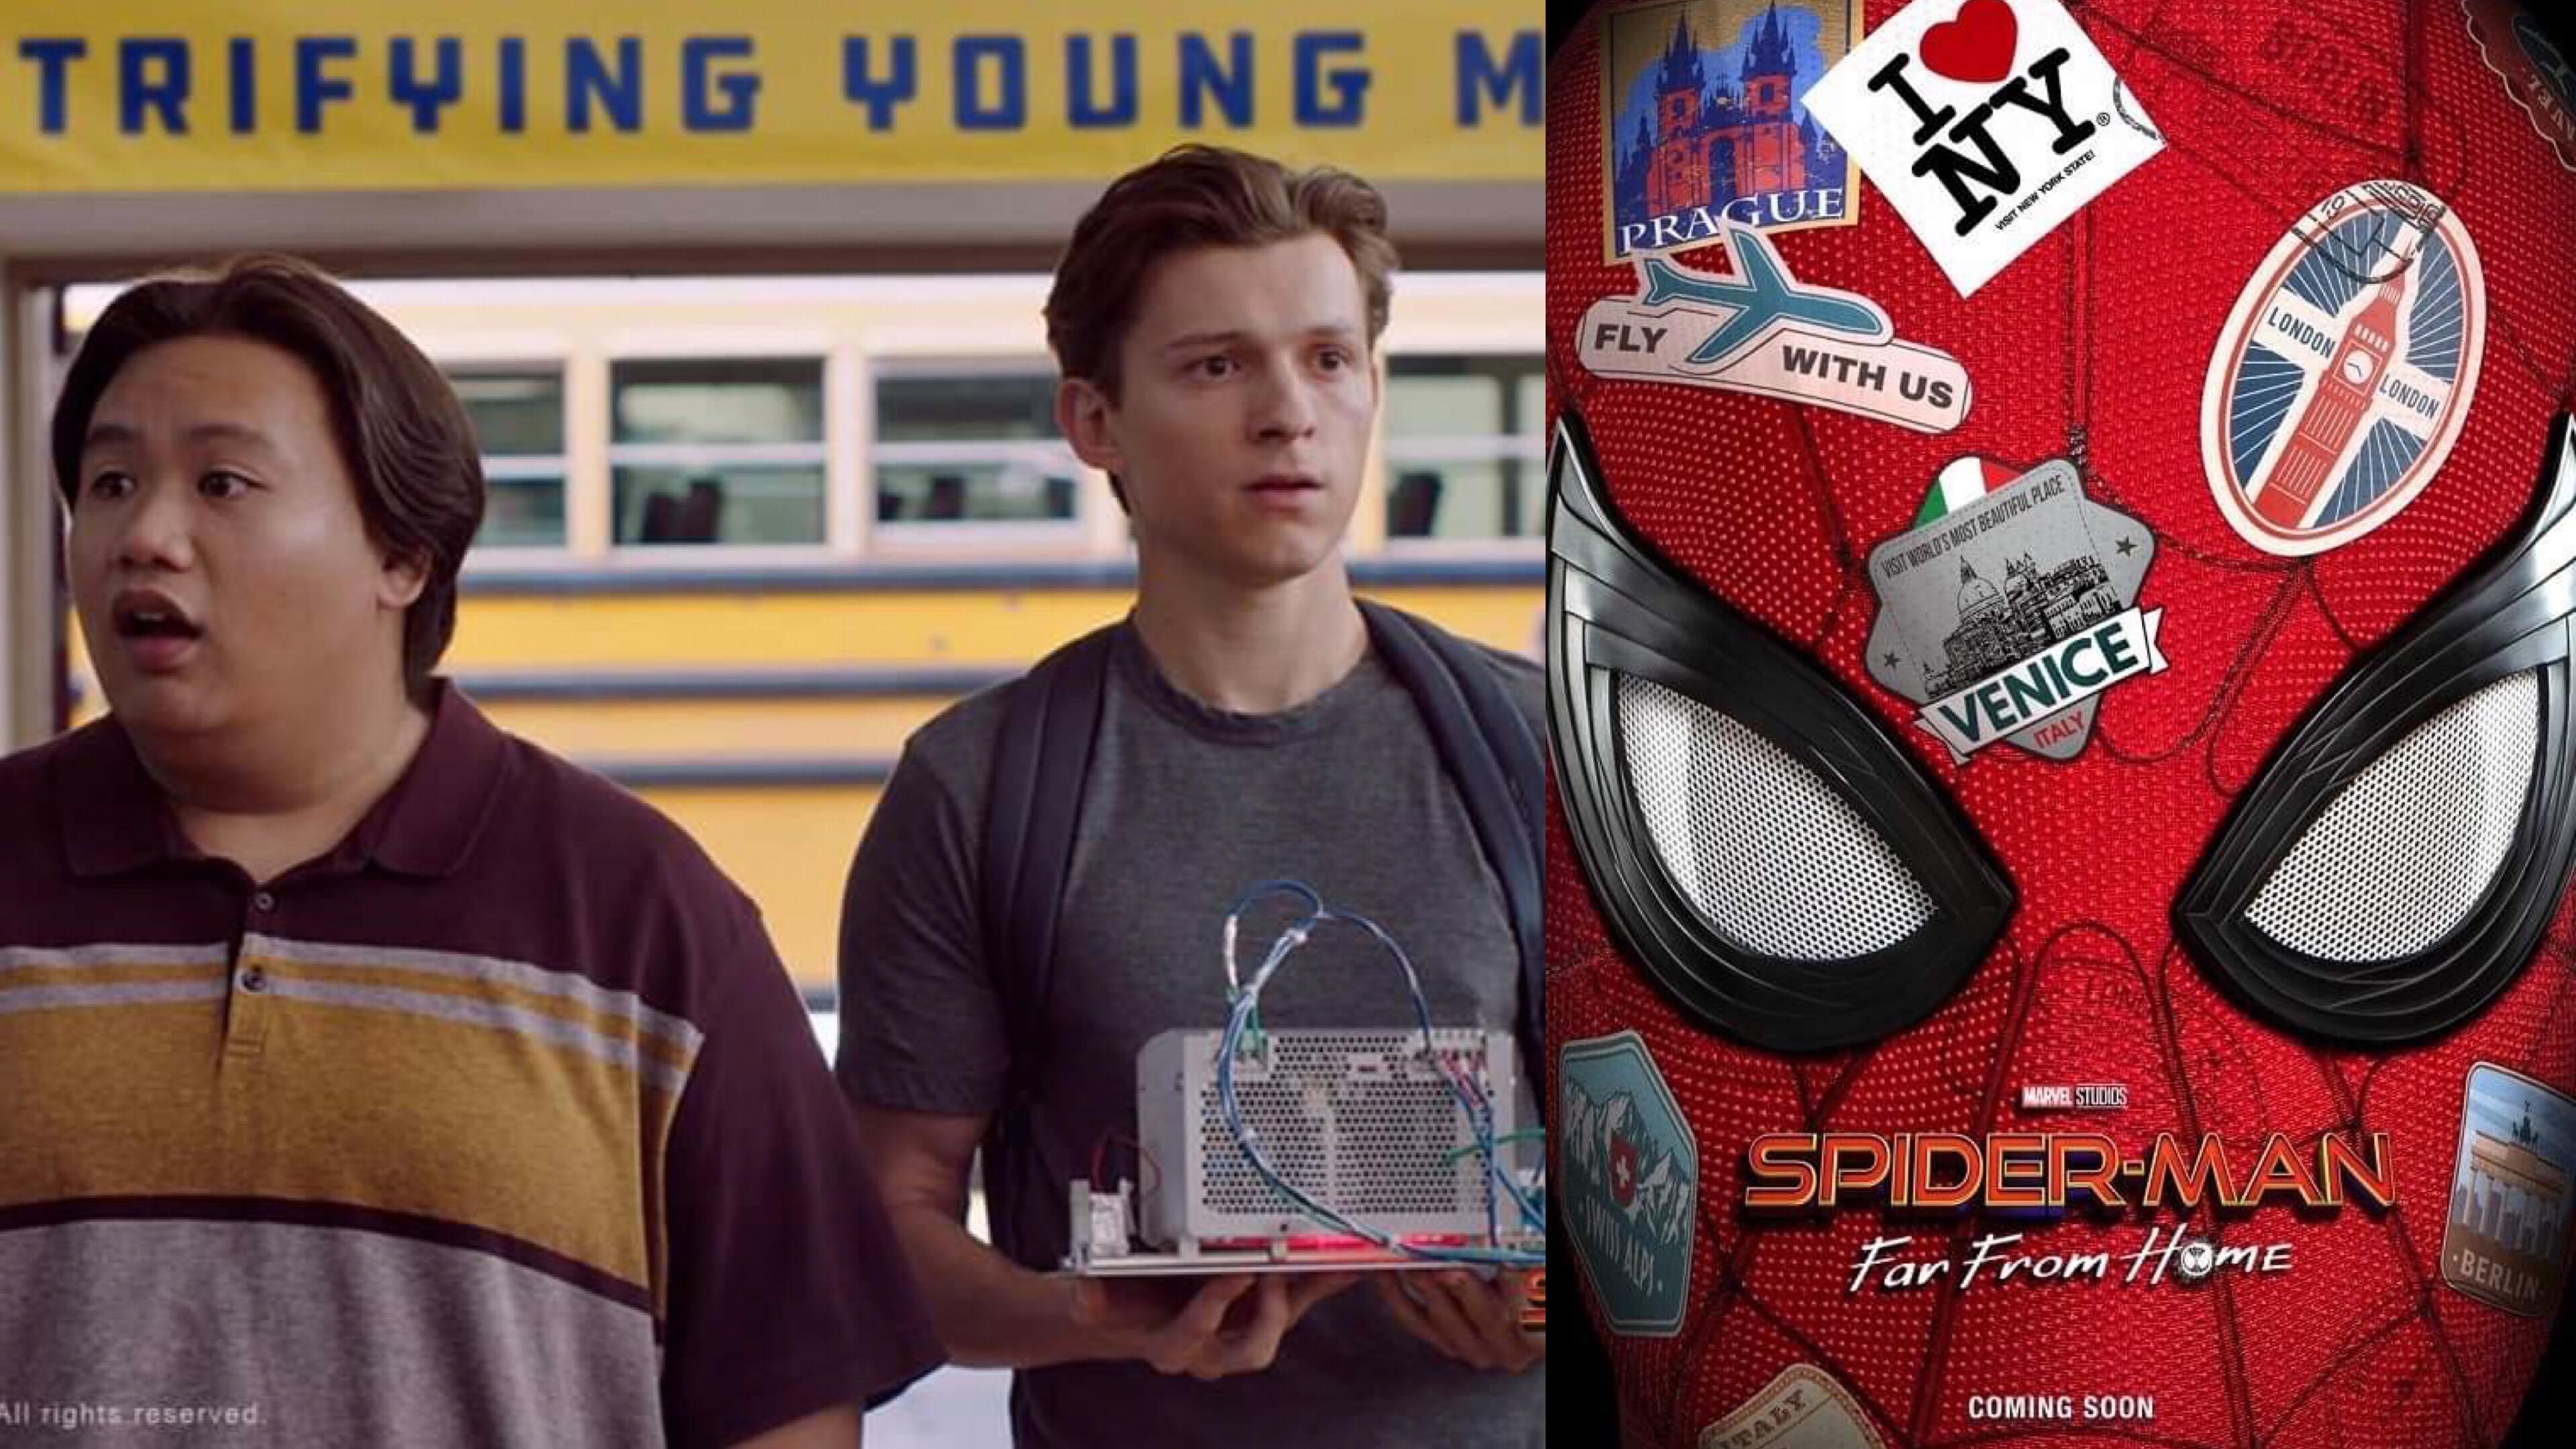 《復仇者聯盟4》之後 5 年都過去了,為什麼小蜘蛛還是要去上學呢?  —《蜘蛛人:離家日》— 我們用電影寫日記